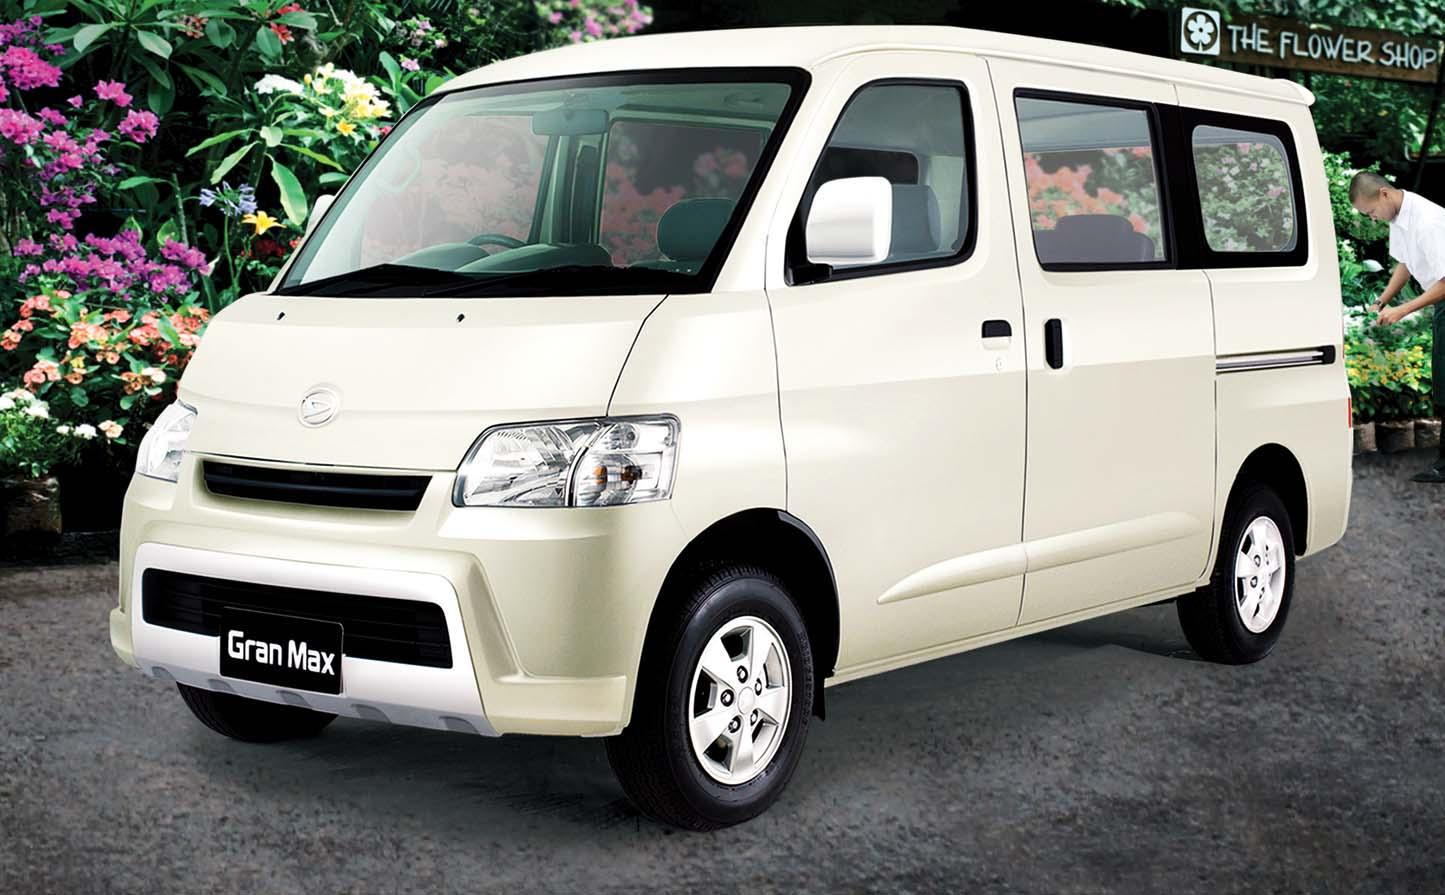 Gran Max Sampai Saai Ini Merupakan Produk Andalan Daihatsu Setelah Xenia Mobil Yang Mulai Di Rilis Tokyo Akhir Tahun 2011 Kini Menjadi Alternatif